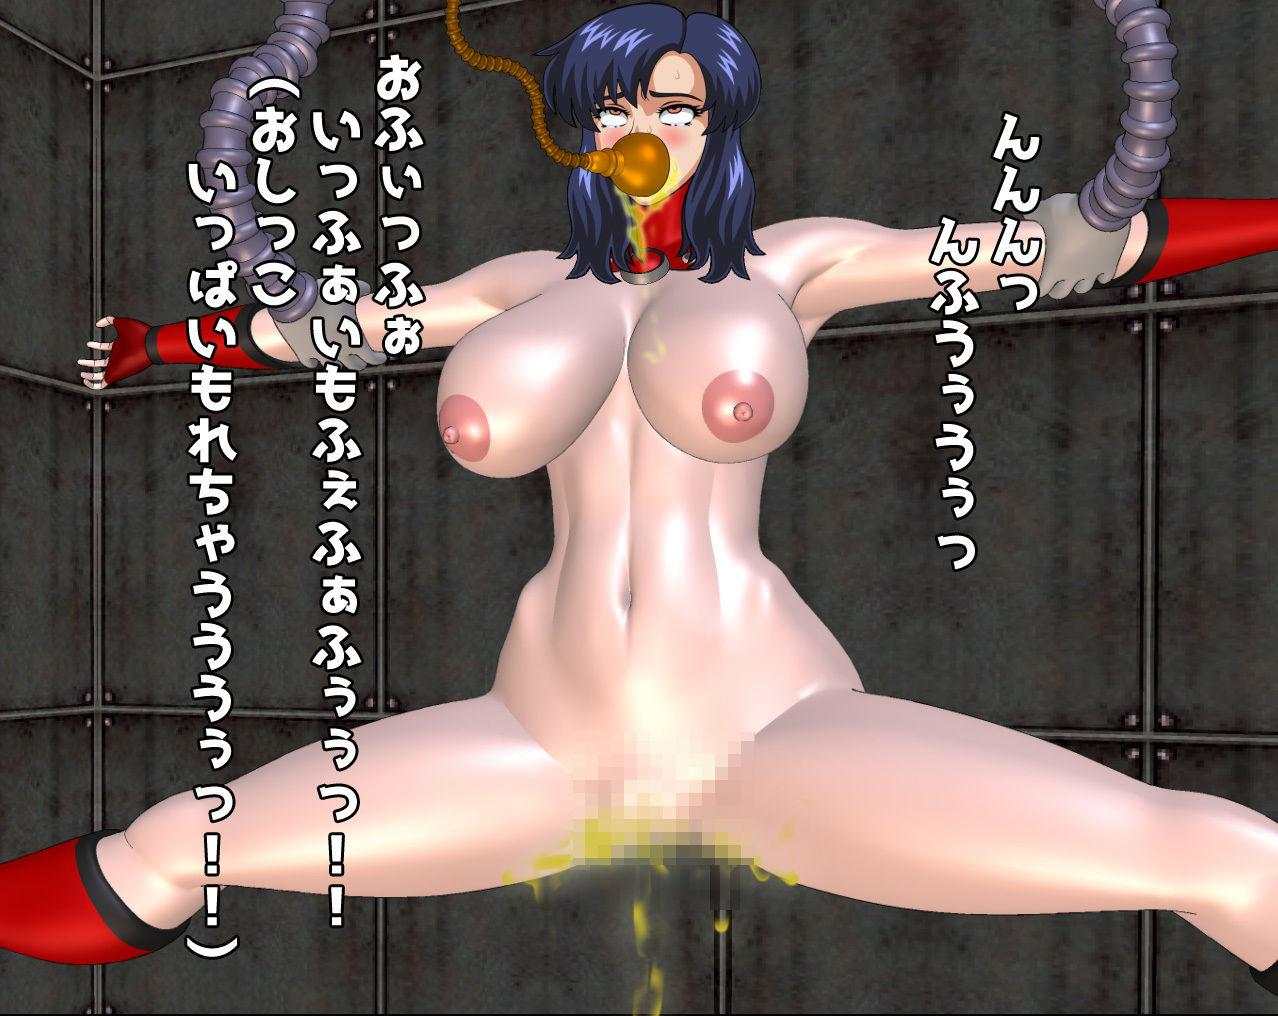 機械姦〜尿・排便・母乳を吸引される女ヒーロー